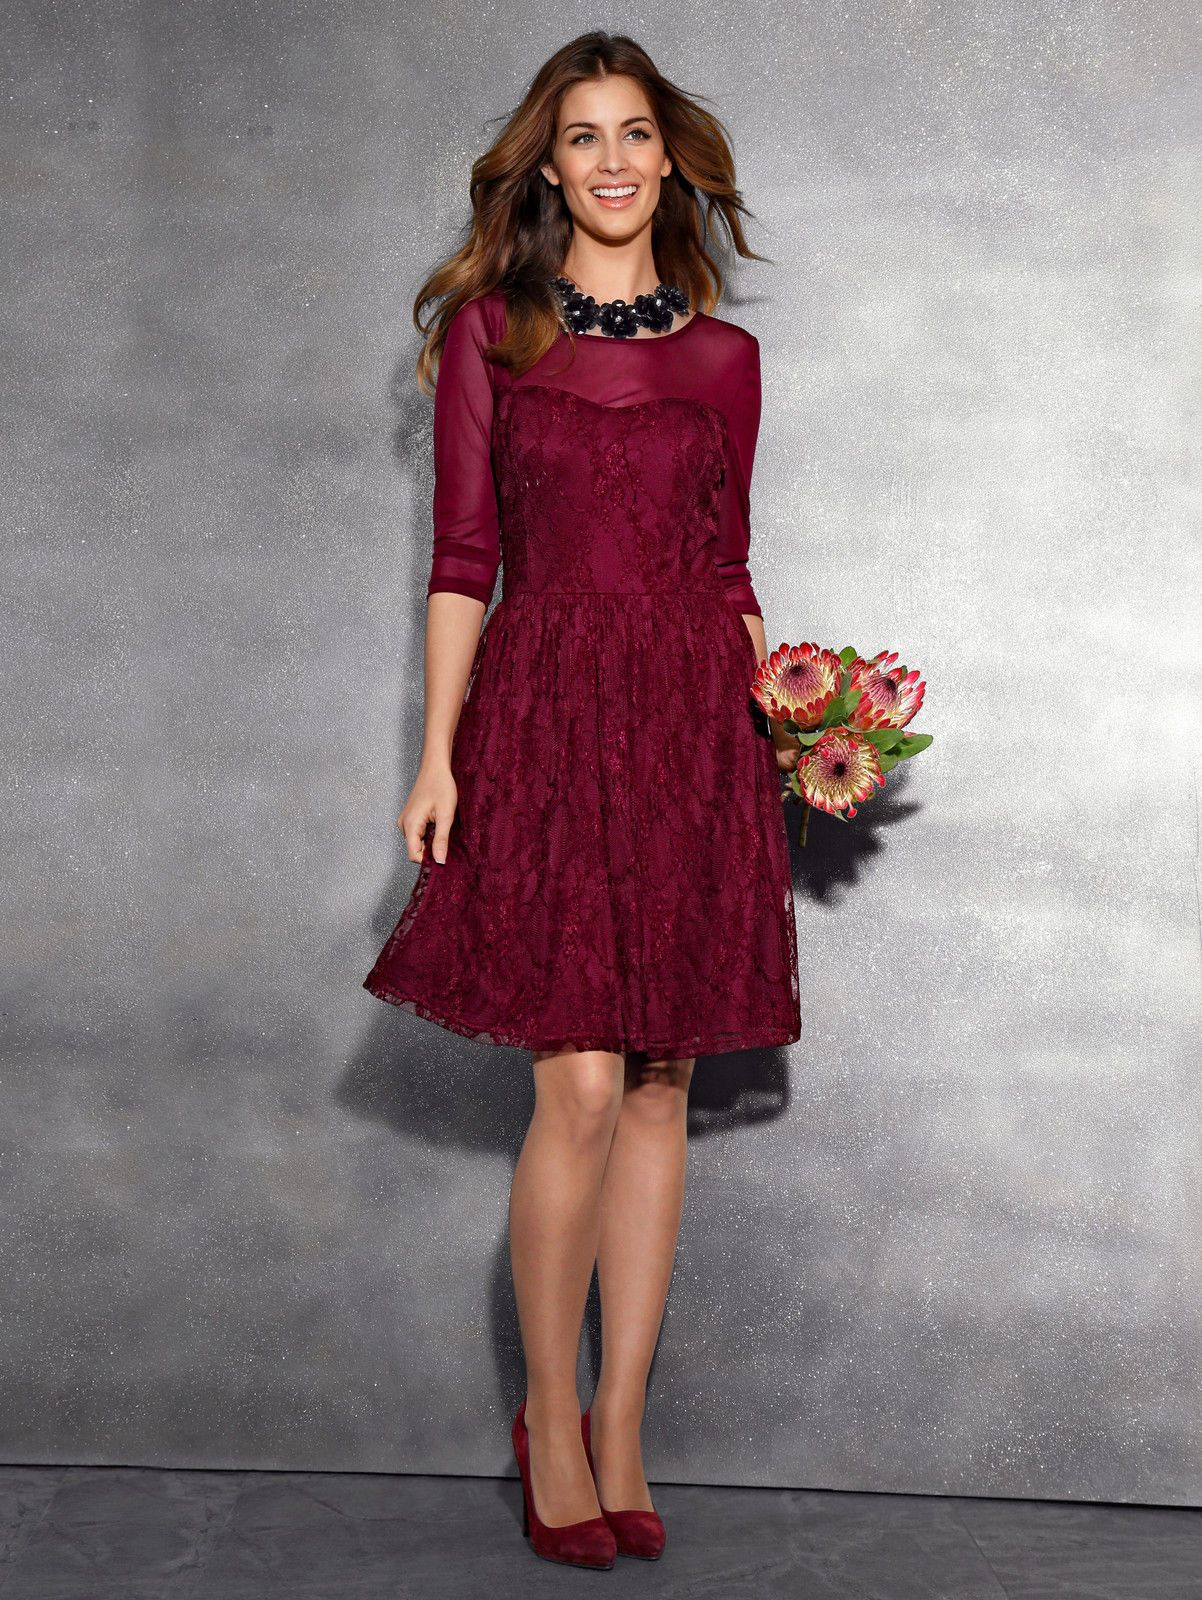 Laura Kent RundhalsFloralFeminin Kleid aus Spitze Neu in Kleidung